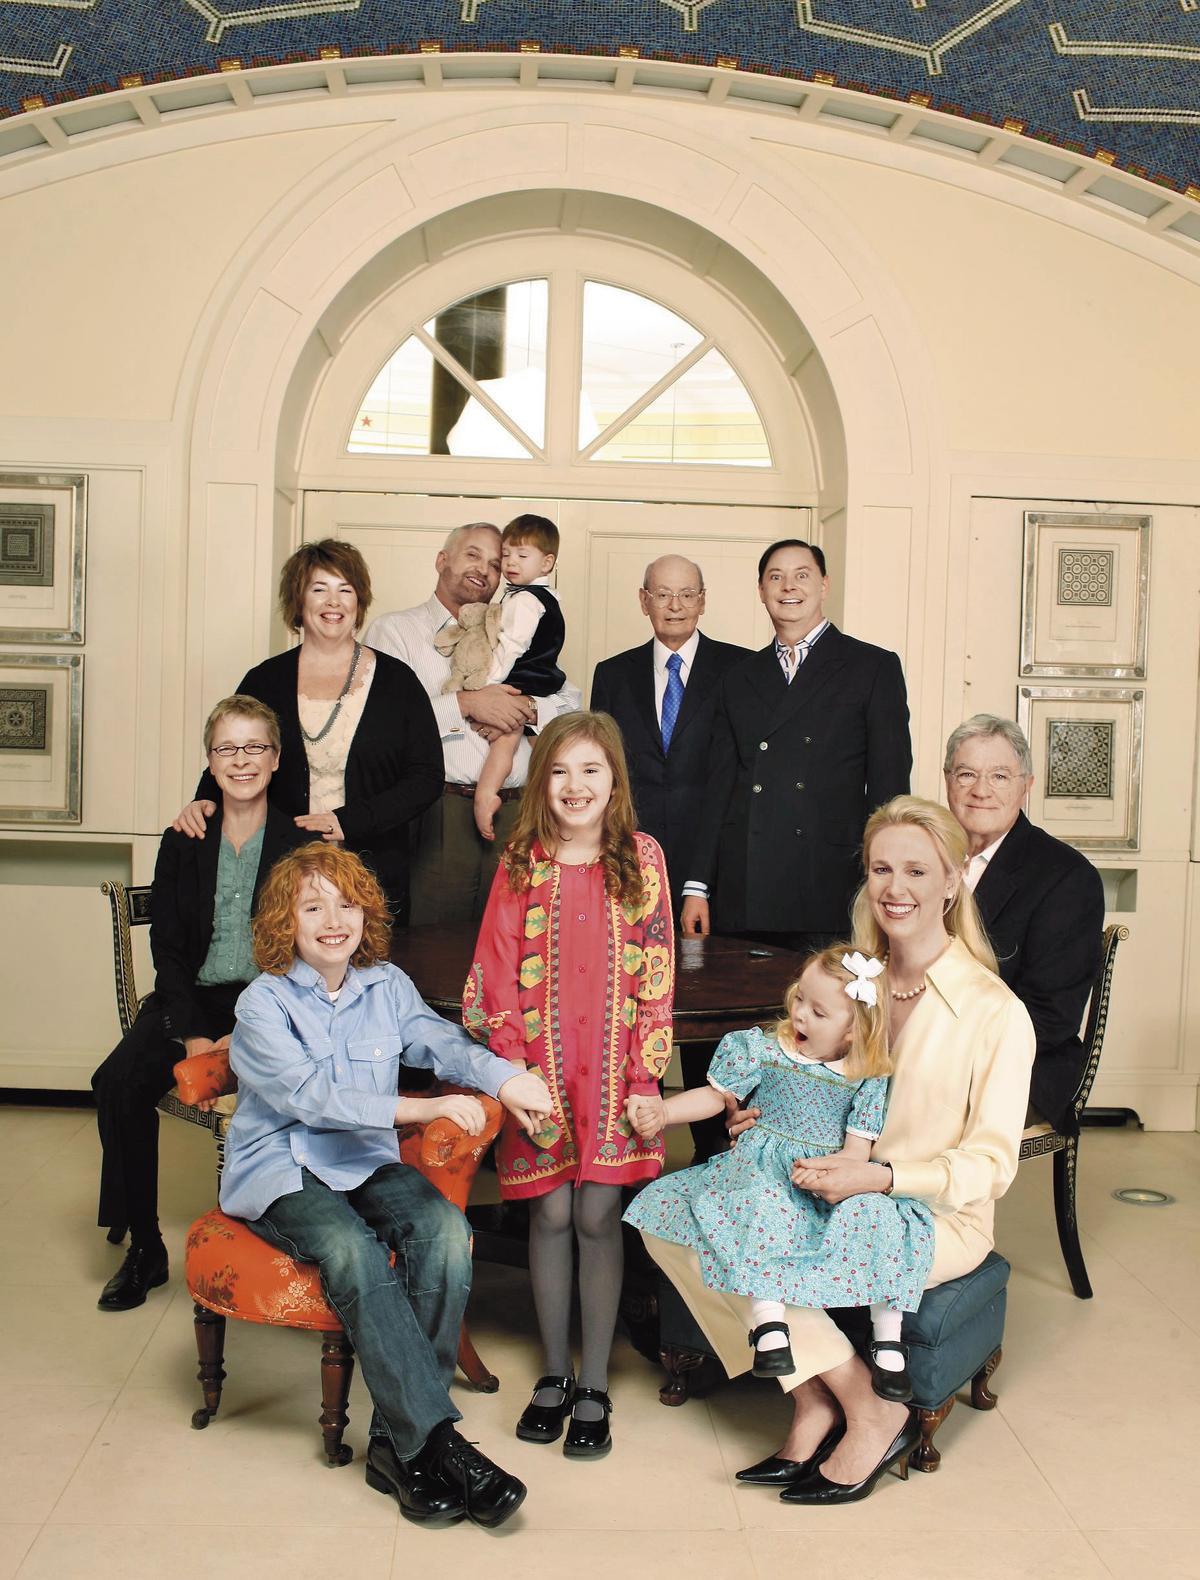 2009年,安德魯和約翰在美國康乃狄克州公證結婚,留下全家福,這個大家族堪稱真正的多元成家。(Michael Sharkey攝)